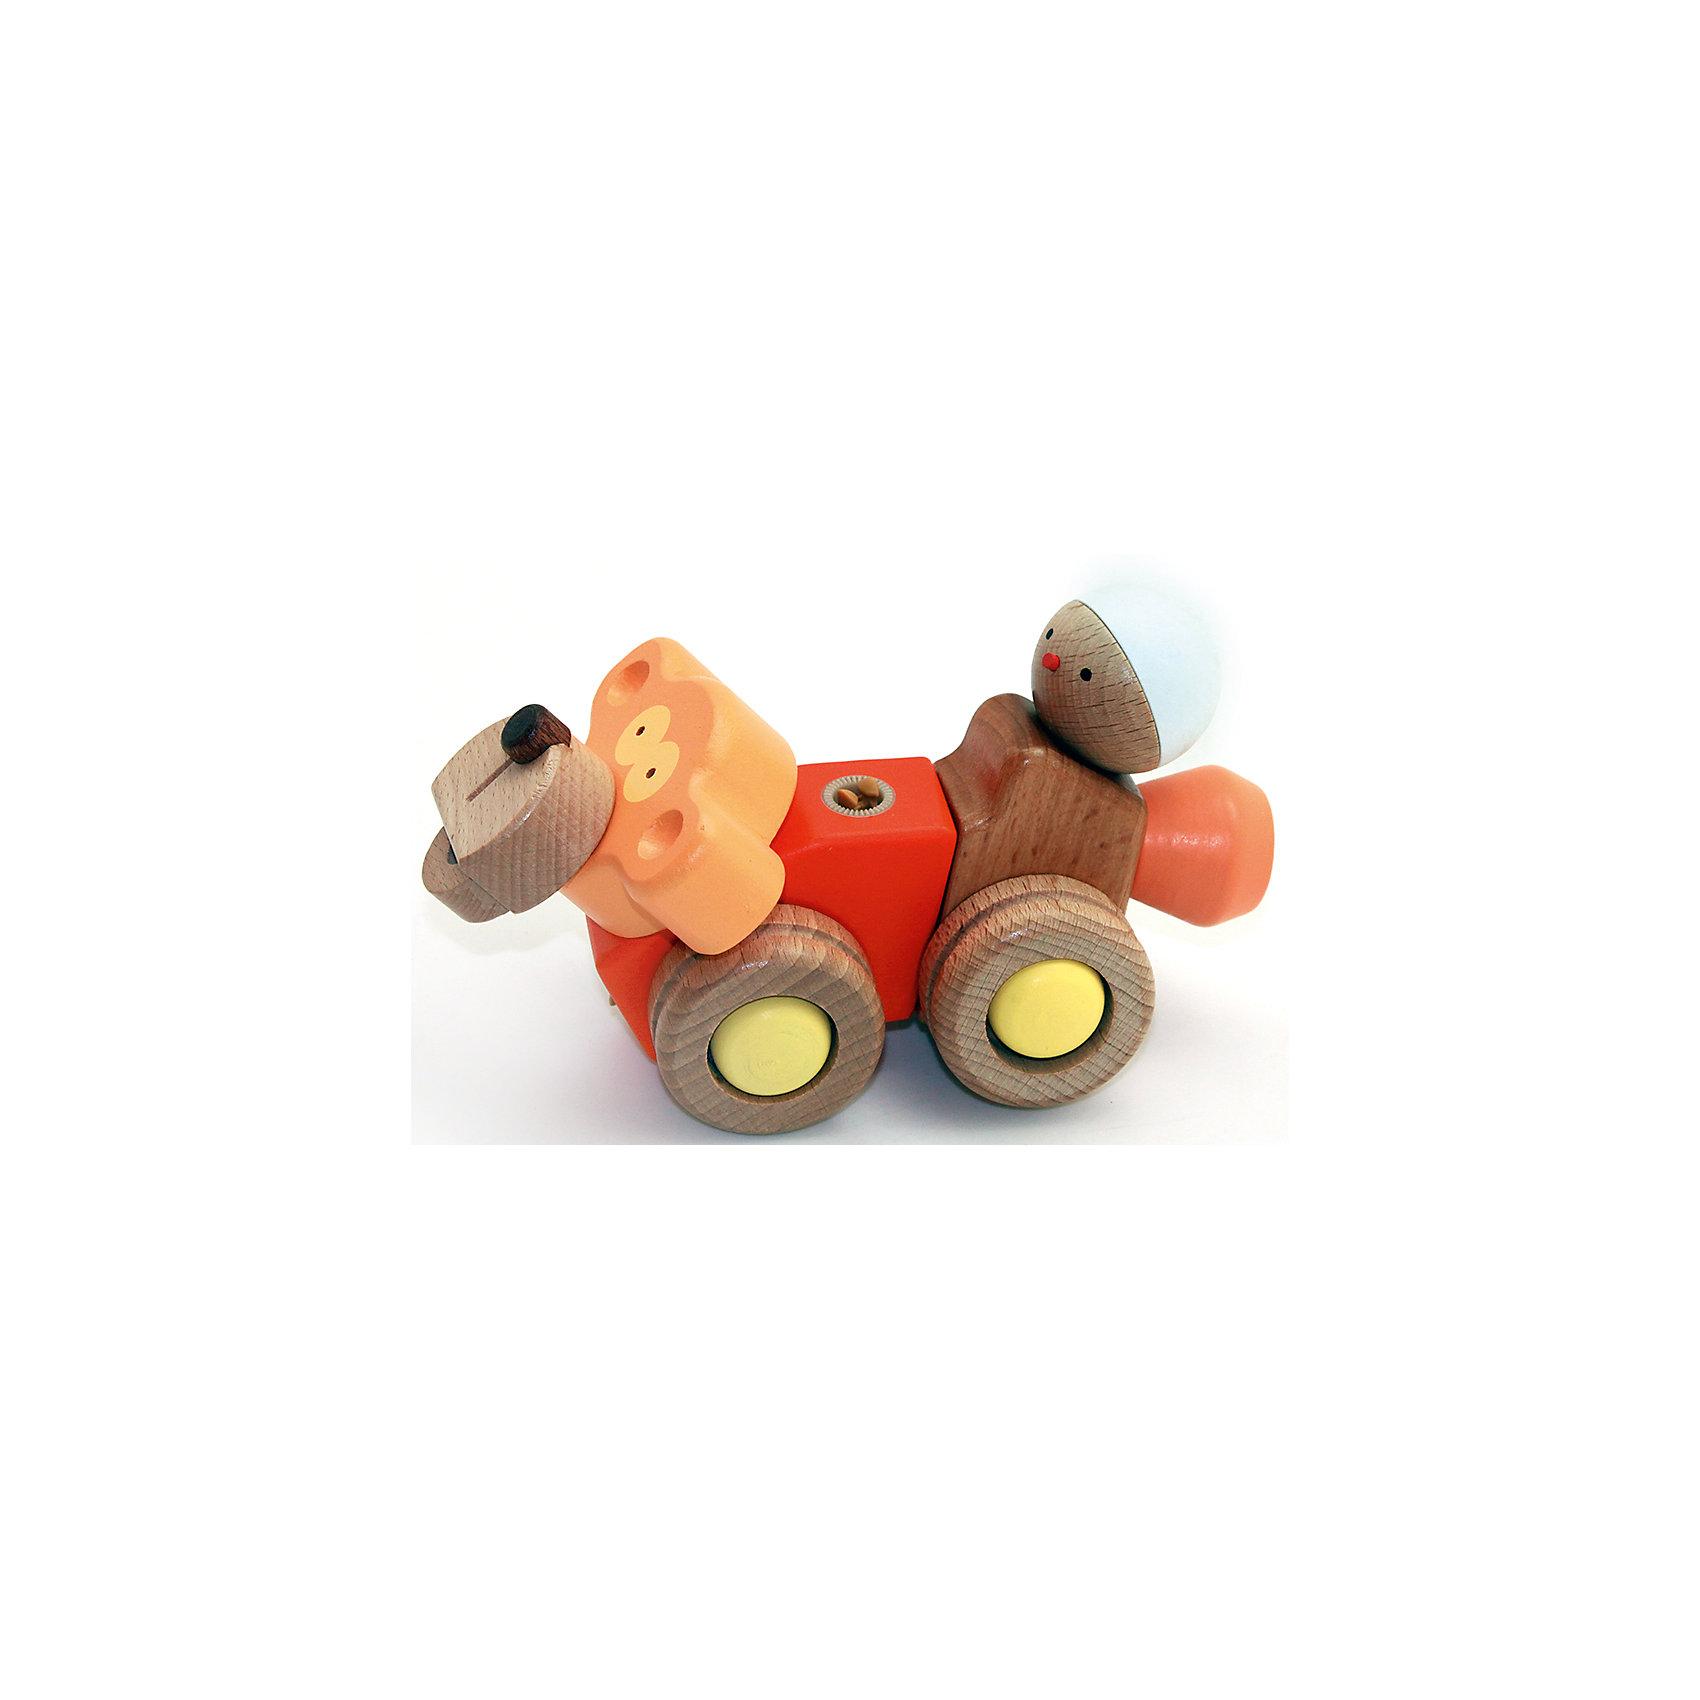 Деревянная игрушка Обезьяна, EQBМир животных<br>Деревянная игрушка Обезьяна, EQB – это деревянный конструктор, предназначенный для раннего развития малыша.<br>Конструктор EQB включает 12 крупных деревянных элементов, с помощью которых ребенок легко сможет собрать игрушку в виде обезьянки, и 2 элемента для сборки фигурки в виде человечка. Обезьянка оснащена четырьмя колесиками, благодаря чему малыш сможет катать игрушку. Фигурку в виде человечка можно закрепить на спине обезьяны. Главная особенность конструктора - оригинальное крепление clicknturn 360. Это крепление позволяет легко соединять детали и вращать их на 360 градусов. Детали изготовлены из твердых пород древесины, окрашены натуральными красителями вручную и обработаны растительными маслами для создания ровной и гладкой поверхности. Конструктор полностью безопасен для детей. Тренирует усидчивость, мелкую моторику руку и развивает навыки конструирования с раннего детства. В комплект входит текстильный мешочек, затягивающийся сверху на кулиску, в котором удобно хранить конструктор.<br><br>Дополнительная информация:<br><br>- В наборе: 14 деталей, мешочек, инструкция<br>- Размер готовой игрушки: 7,5 х 17 х 11,5 см.<br>- Материал: древесина<br>- Размер упаковки: 10 x 19,5 x 8,5 см.<br>- Вес: 280 гр.<br><br>Деревянную игрушку Обезьяна, EQB можно купить в нашем интернет-магазине.<br><br>Ширина мм: 100<br>Глубина мм: 195<br>Высота мм: 85<br>Вес г: 280<br>Возраст от месяцев: 36<br>Возраст до месяцев: 96<br>Пол: Унисекс<br>Возраст: Детский<br>SKU: 4387469